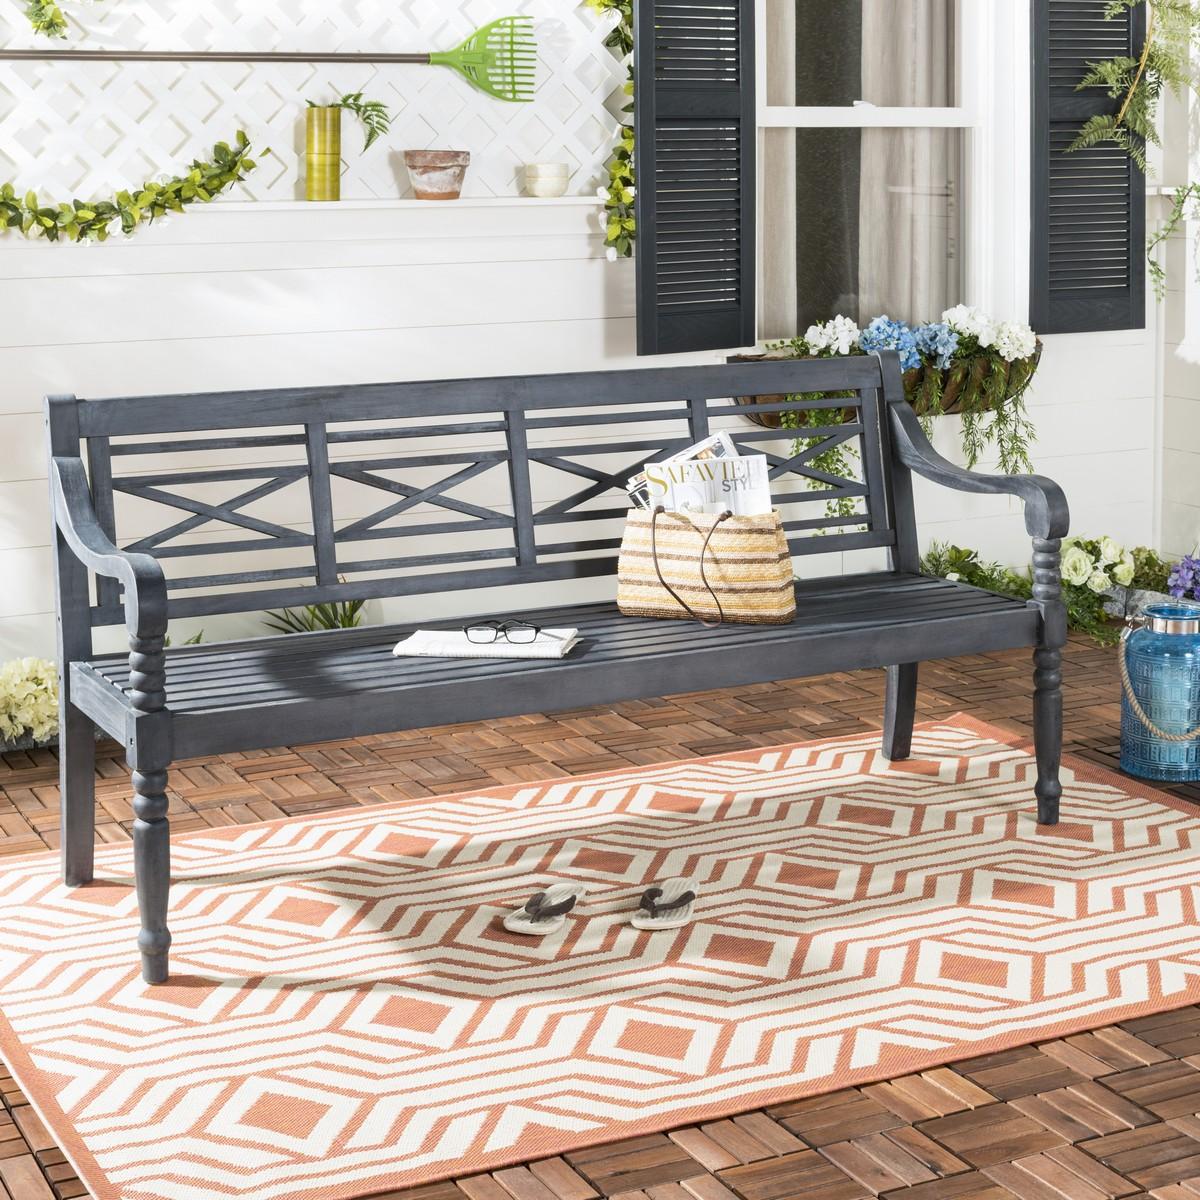 Pat6704k Garden Benches Furniture By Safavieh